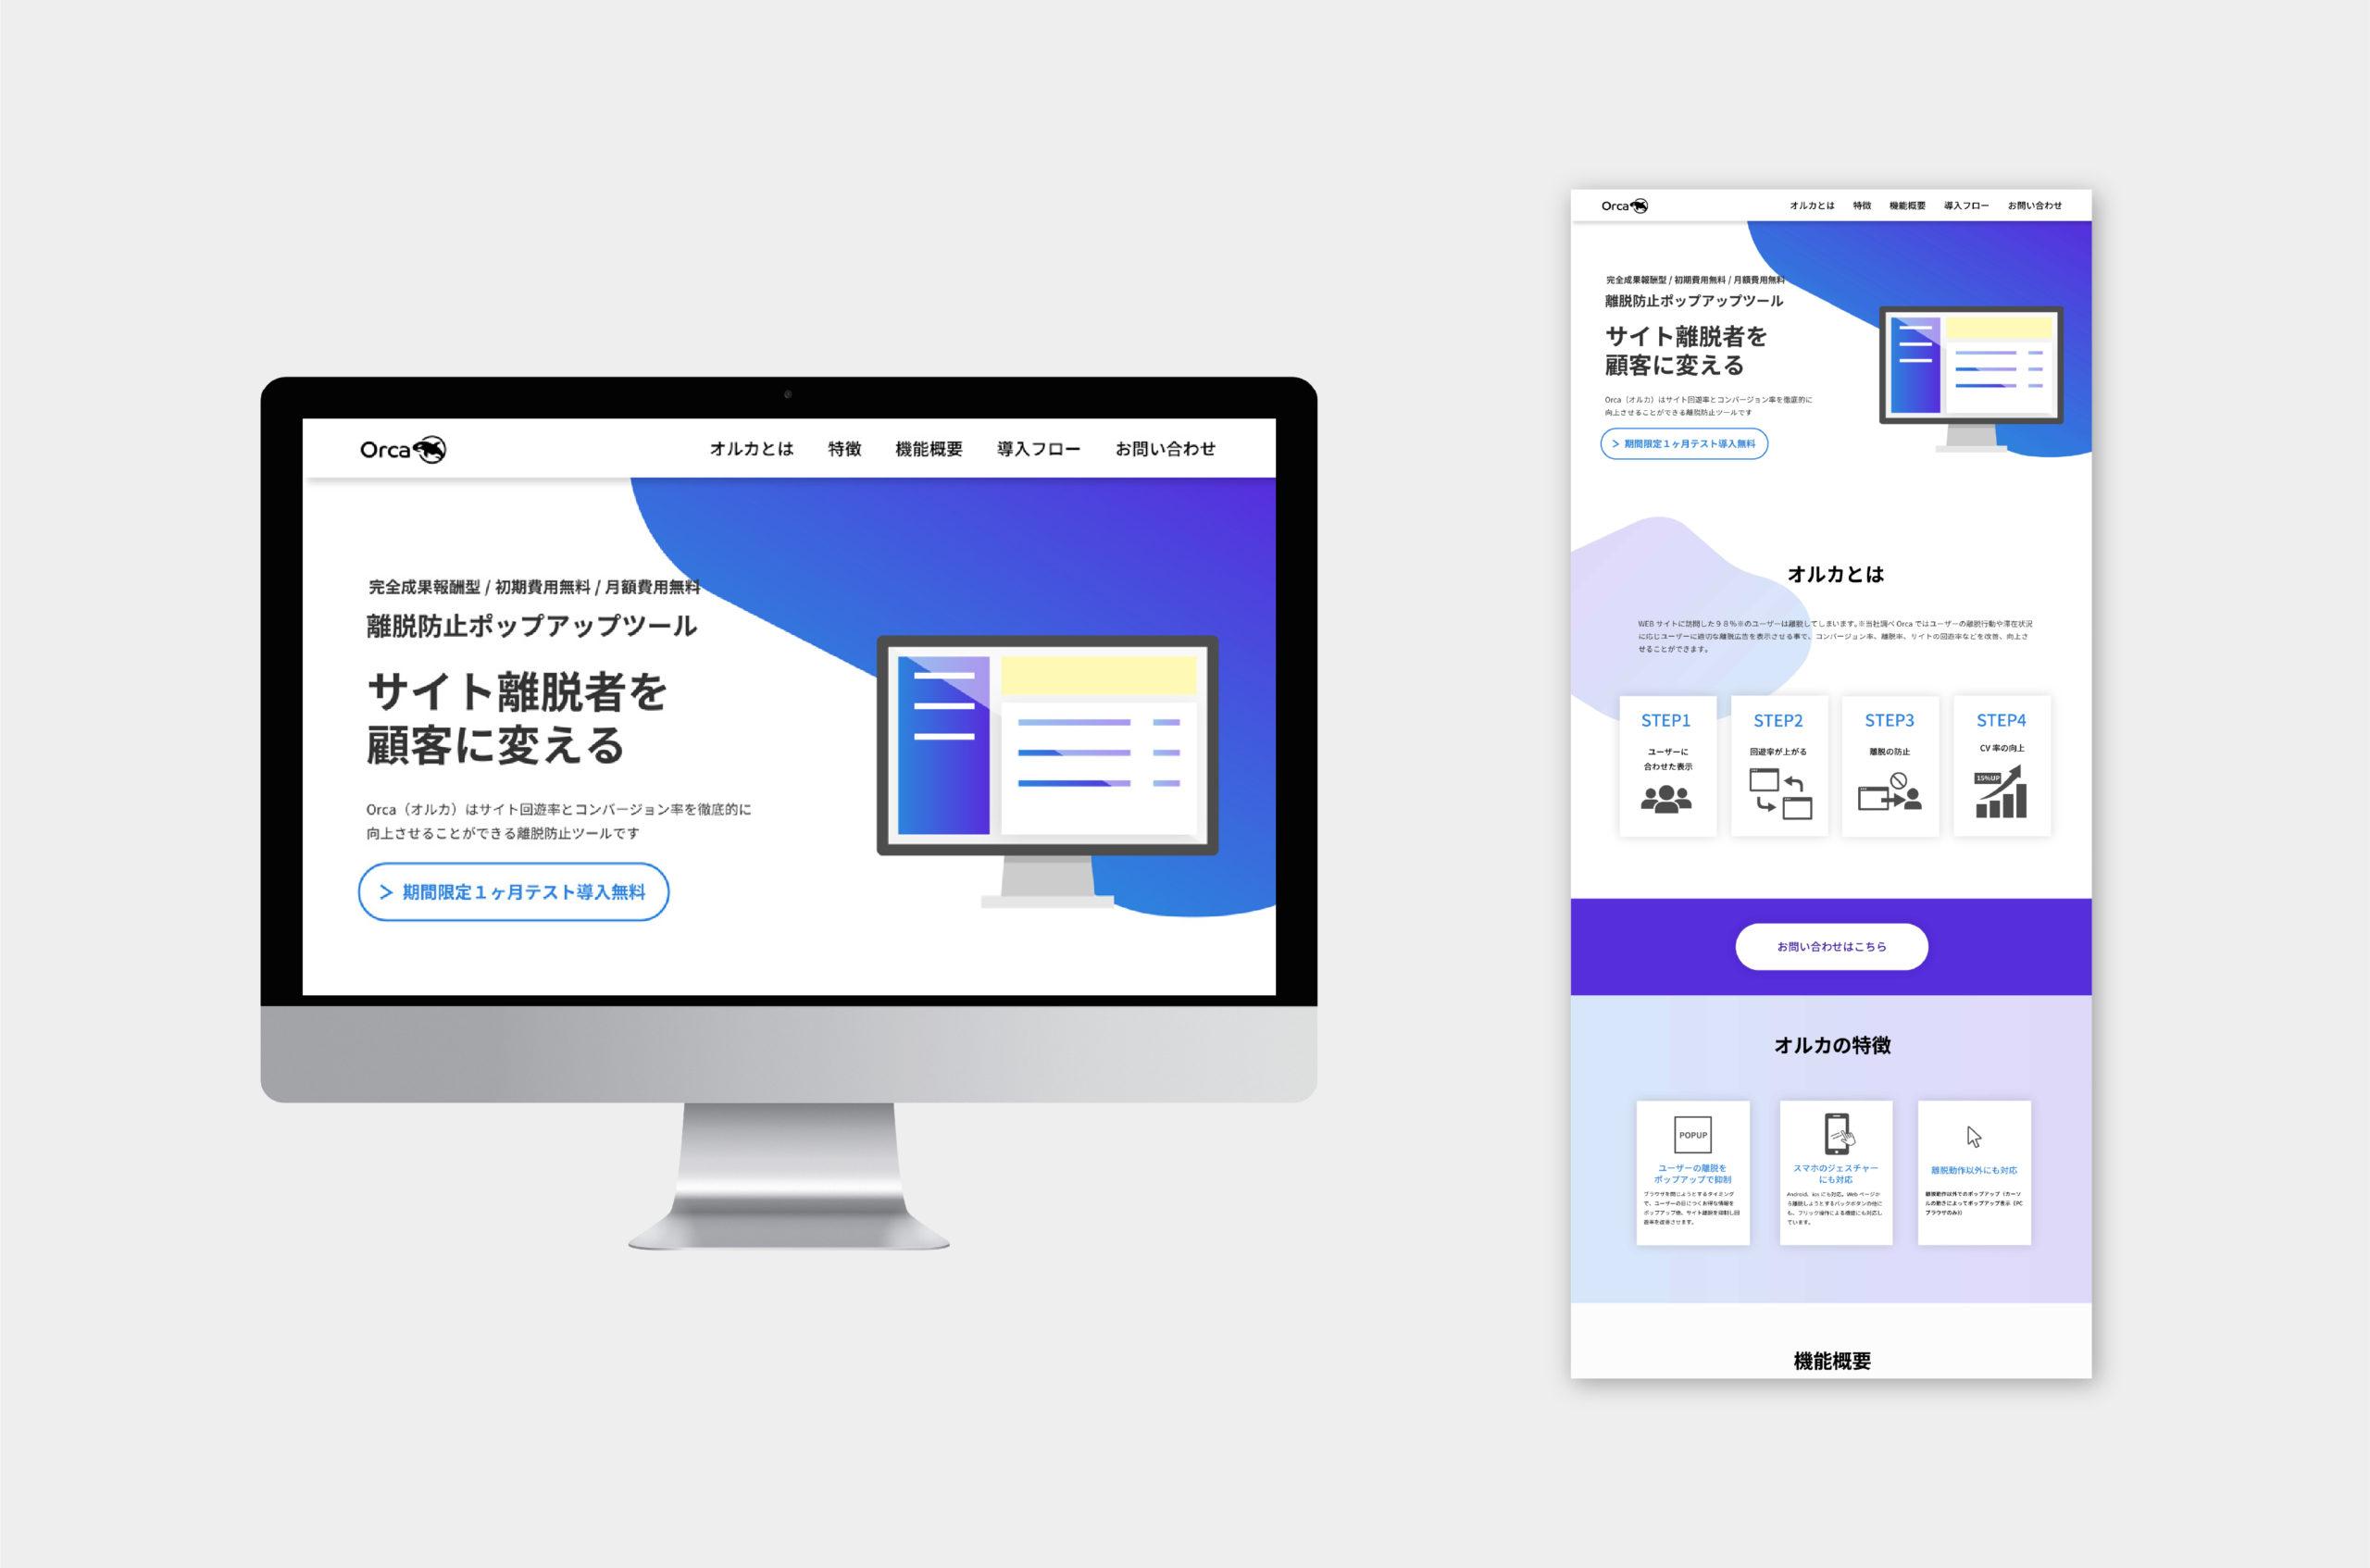 WEBマーケティングアプリサービス LP